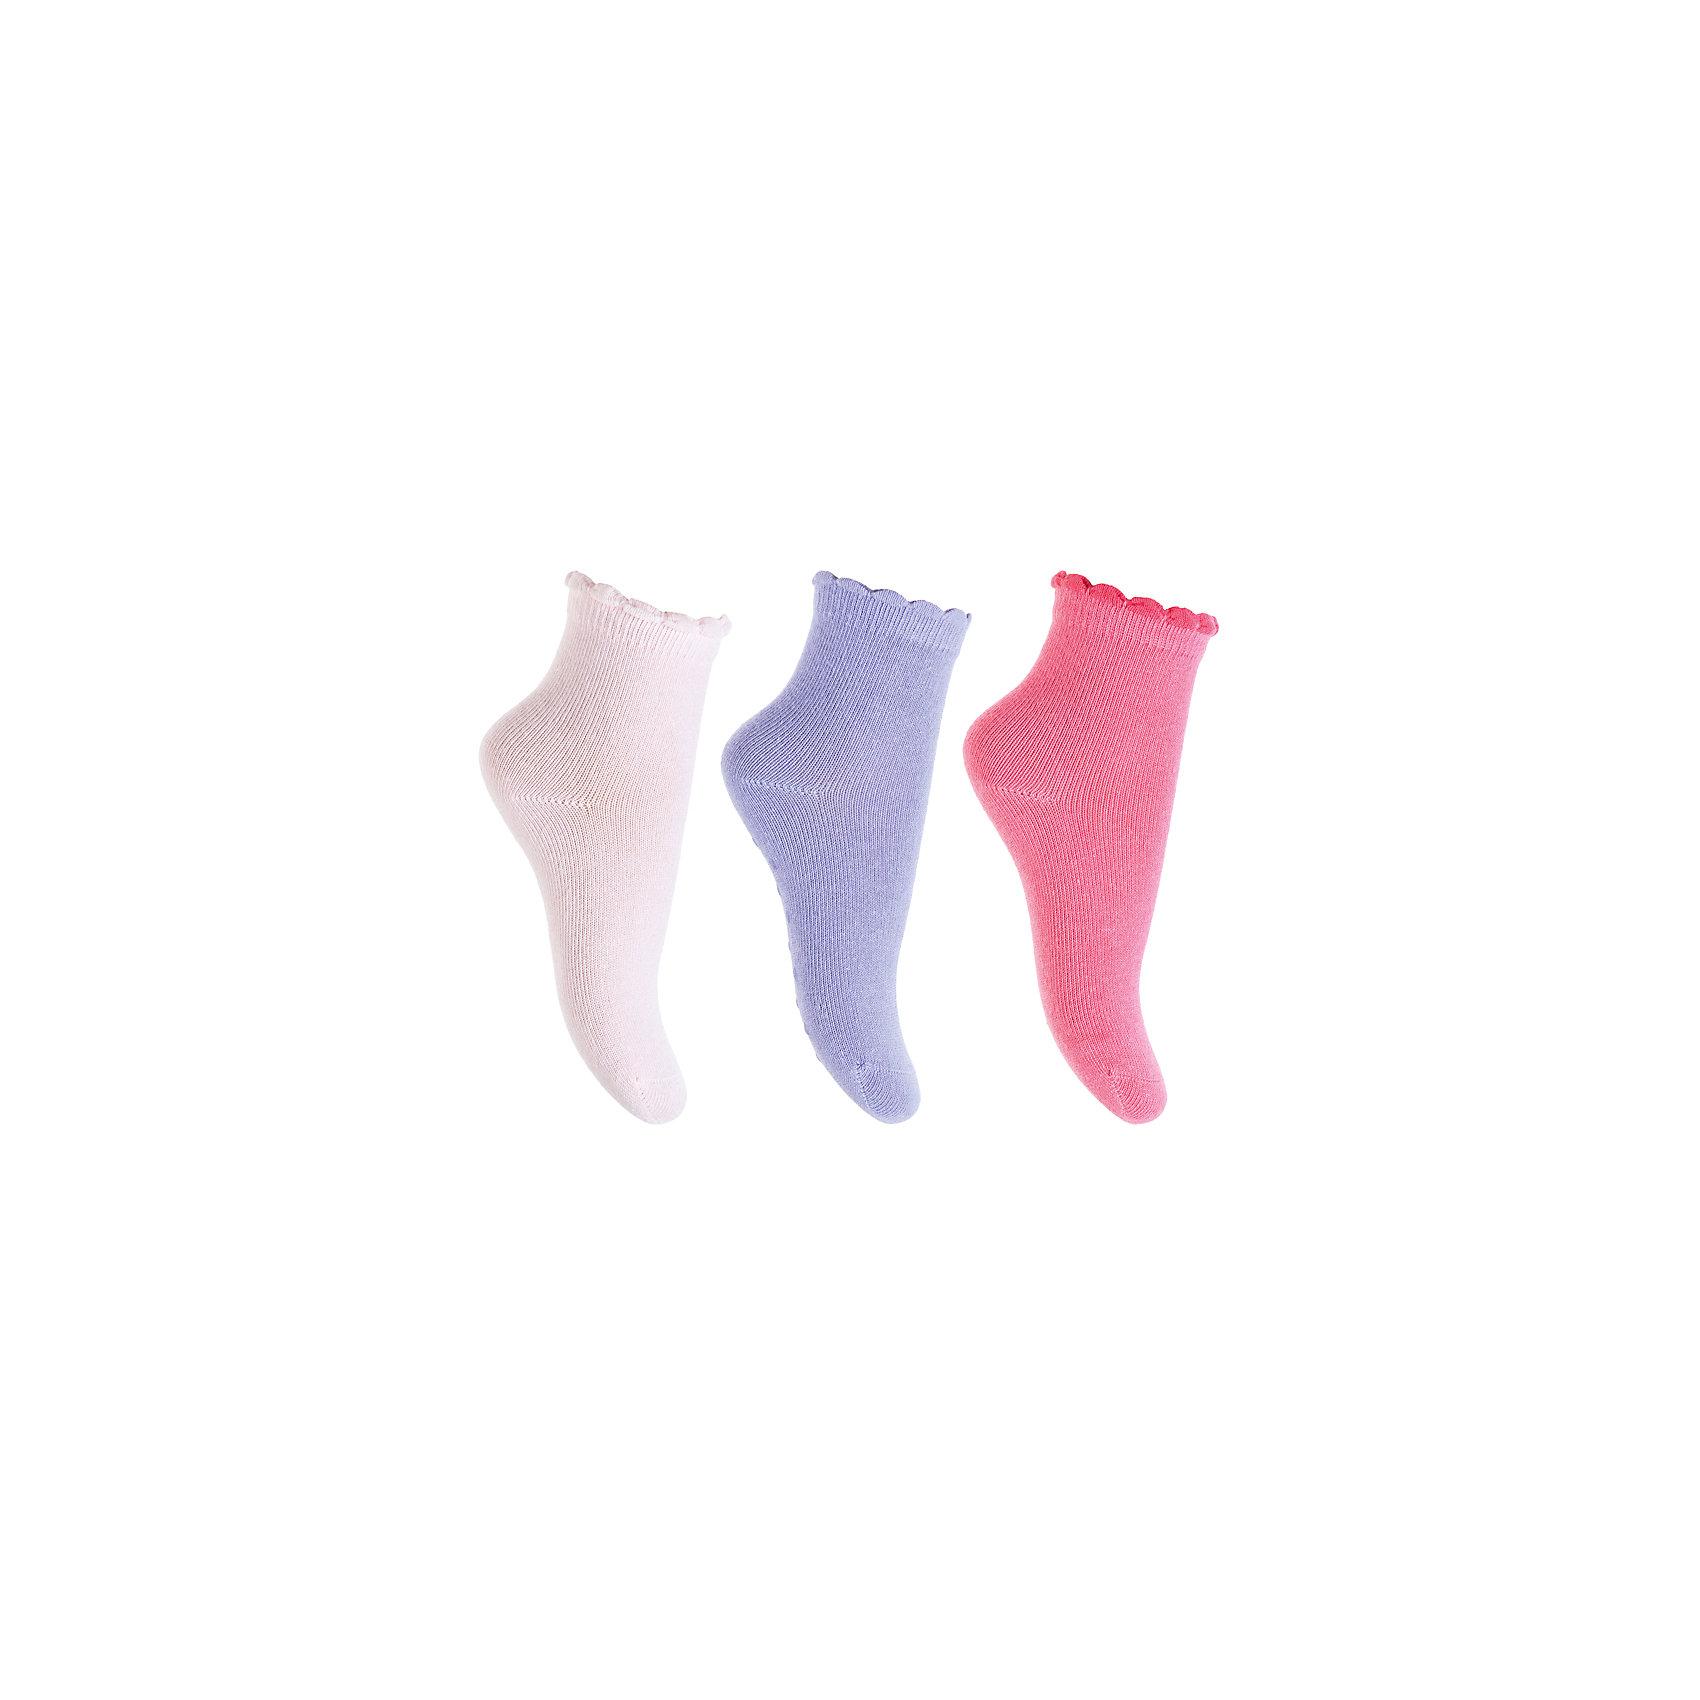 Носки, 3 пары  PlayToday для девочкиНосочки и колготки<br>Носки PlayToday для девочки<br>Носки с высоким содержанием натурального хлопка, не сковывают движений. Хорошо пропускают воздух, тем самым позволяя коже дышать.  Даже частые стирки, при условии соблюдений рекомендаций по уходу, не изменят ни форму, ни цвет изделия. На подошву одной пары нанесена аппликация из силикона, которая не позволит ребенку упасть, даже если он находится на скользкой поверхности.<br>Состав:<br>75% хлопок, 22% нейлон, 3% эластан<br><br>Ширина мм: 87<br>Глубина мм: 10<br>Высота мм: 105<br>Вес г: 115<br>Цвет: разноцветный<br>Возраст от месяцев: 18<br>Возраст до месяцев: 24<br>Пол: Женский<br>Возраст: Детский<br>Размер: 12,11<br>SKU: 7110256